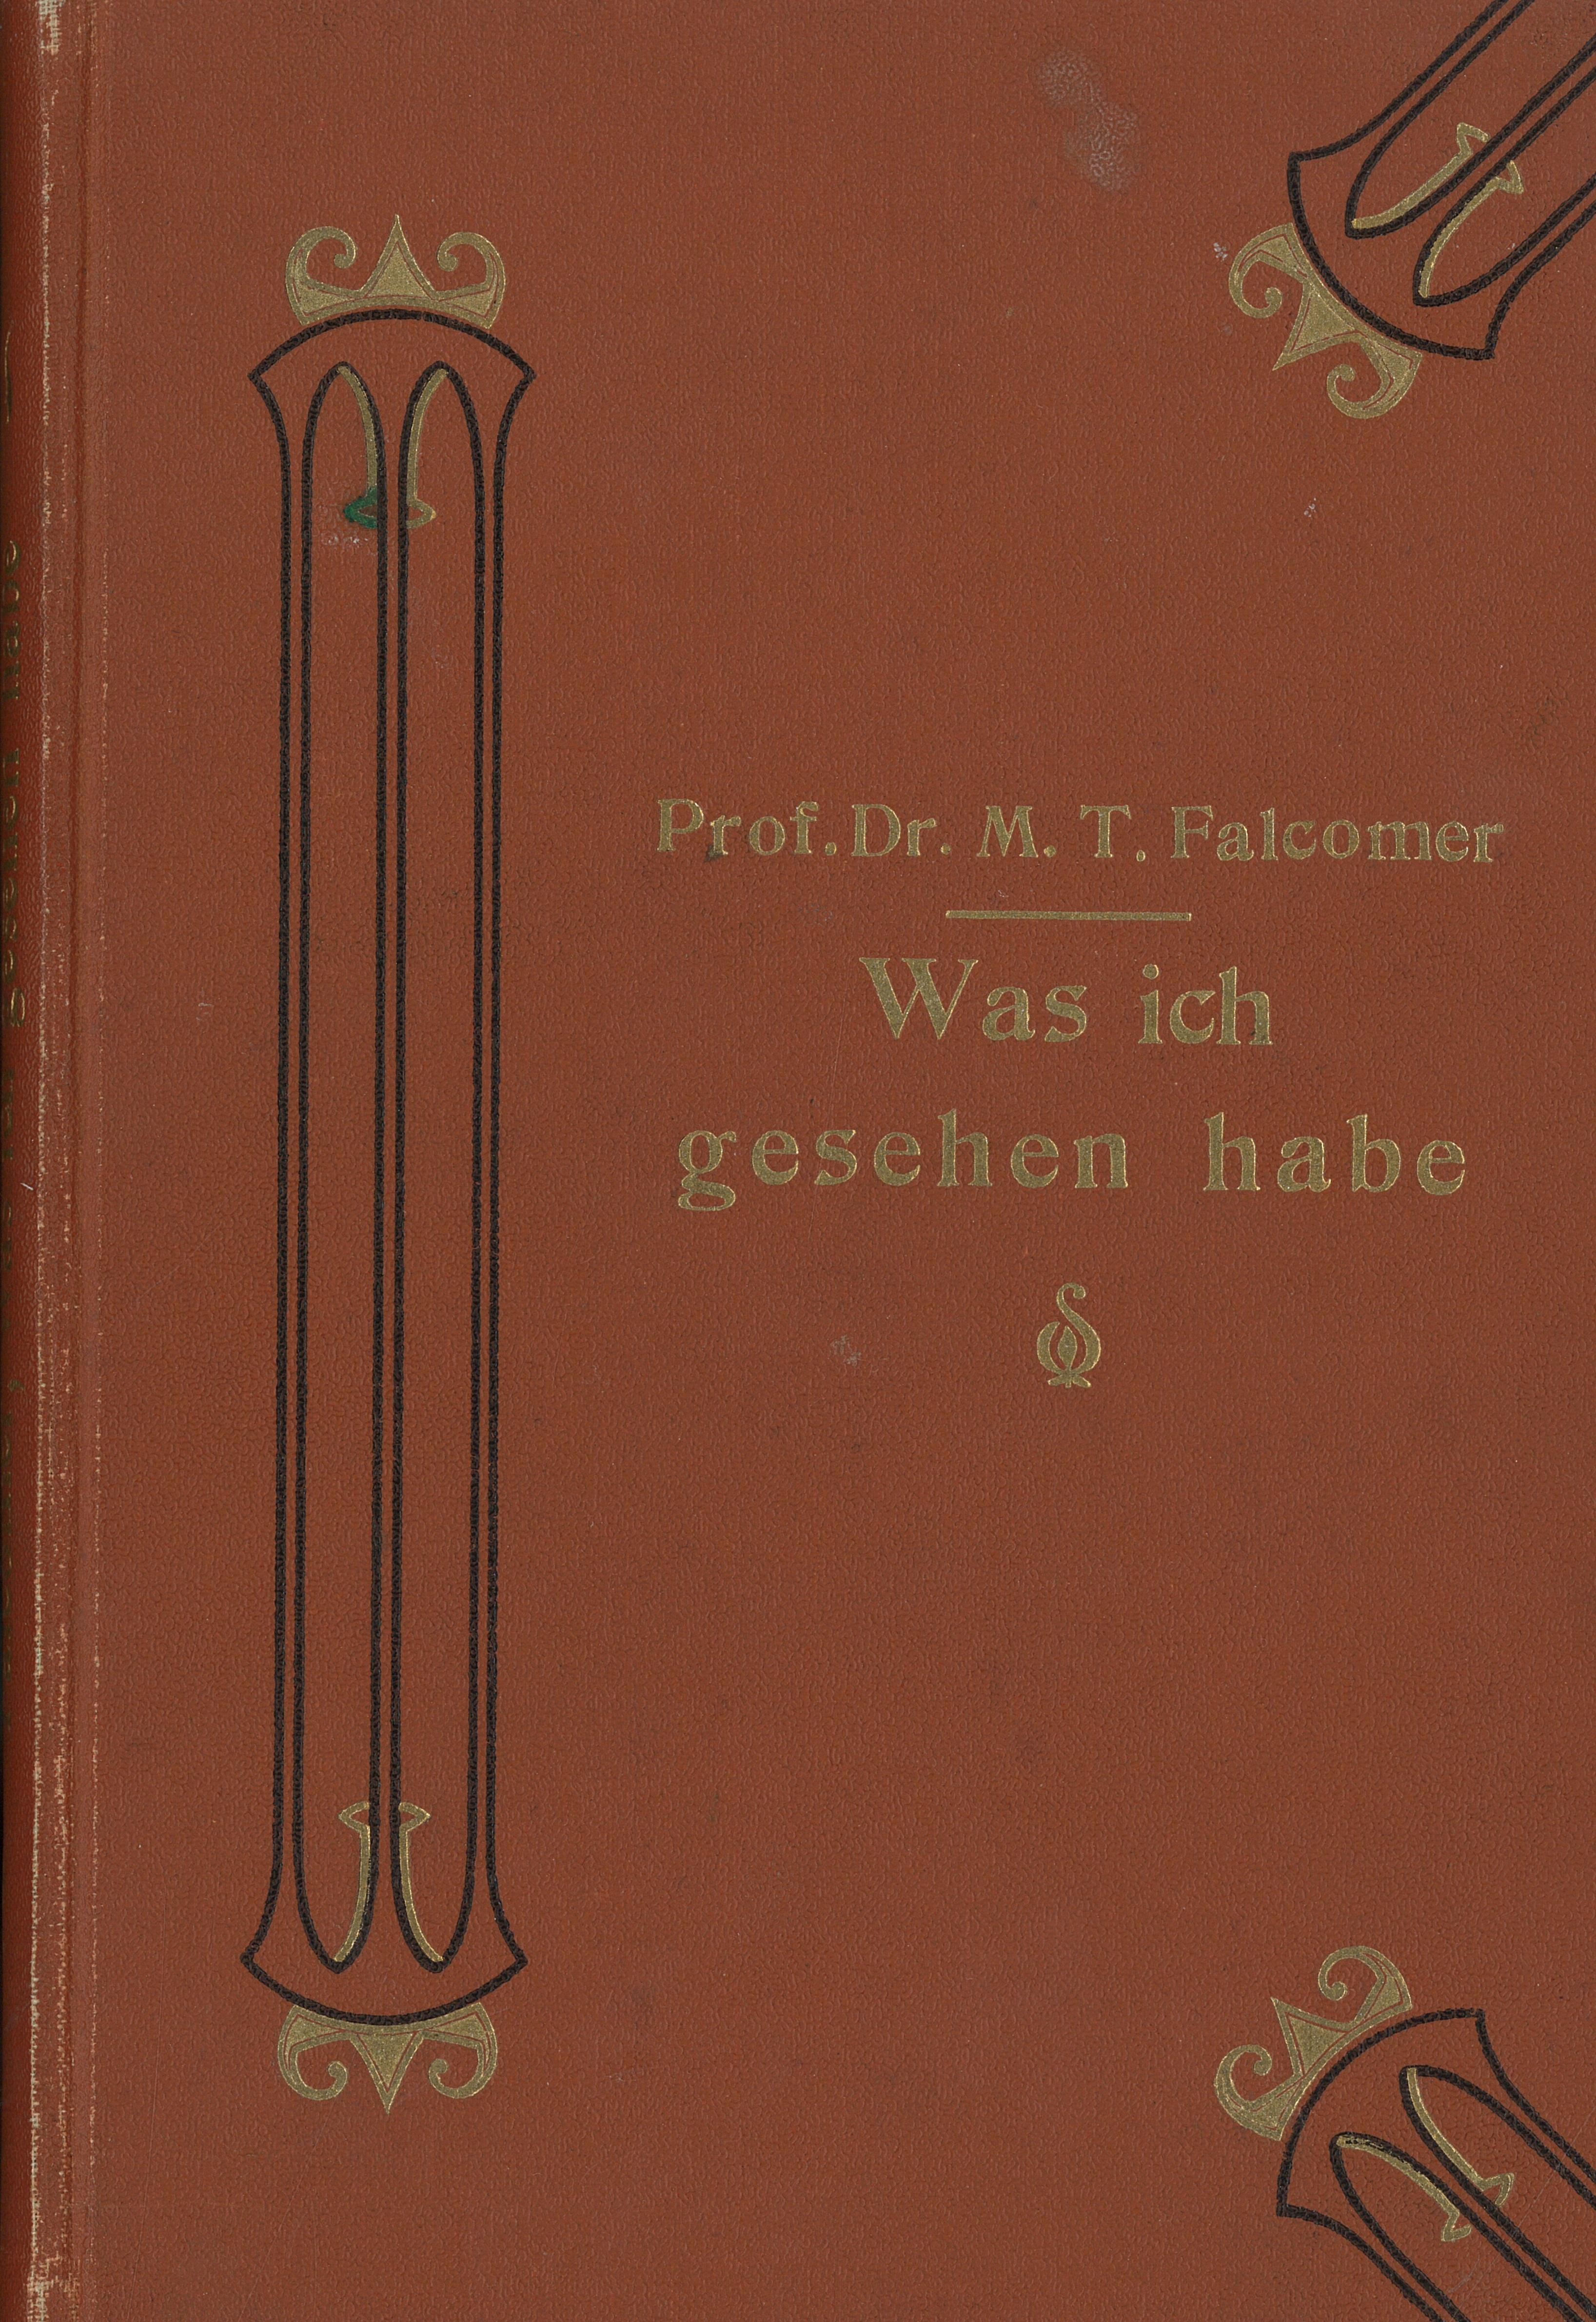 Was ich gesehen habe - Eigene Forschung auf dem gelichteten Gebiet der weniger bekannten menschlichen Fähigkeiten, Autor: Prof. Dr. Markus Tullius Falcomer, Verlag: Oswald Mutze, Leipzig 1901